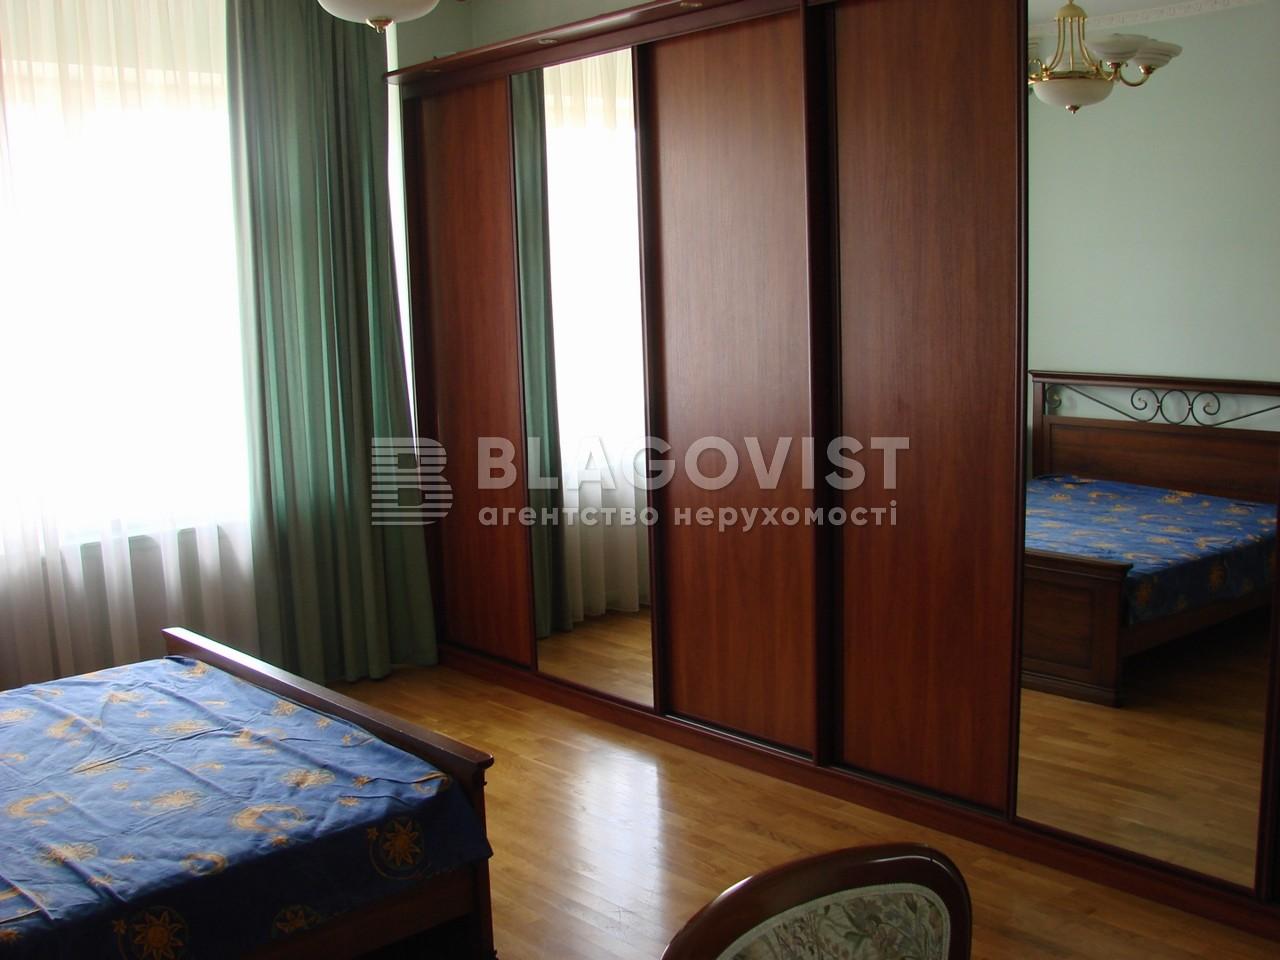 Квартира A-45986, Лескова, 1а, Киев - Фото 10